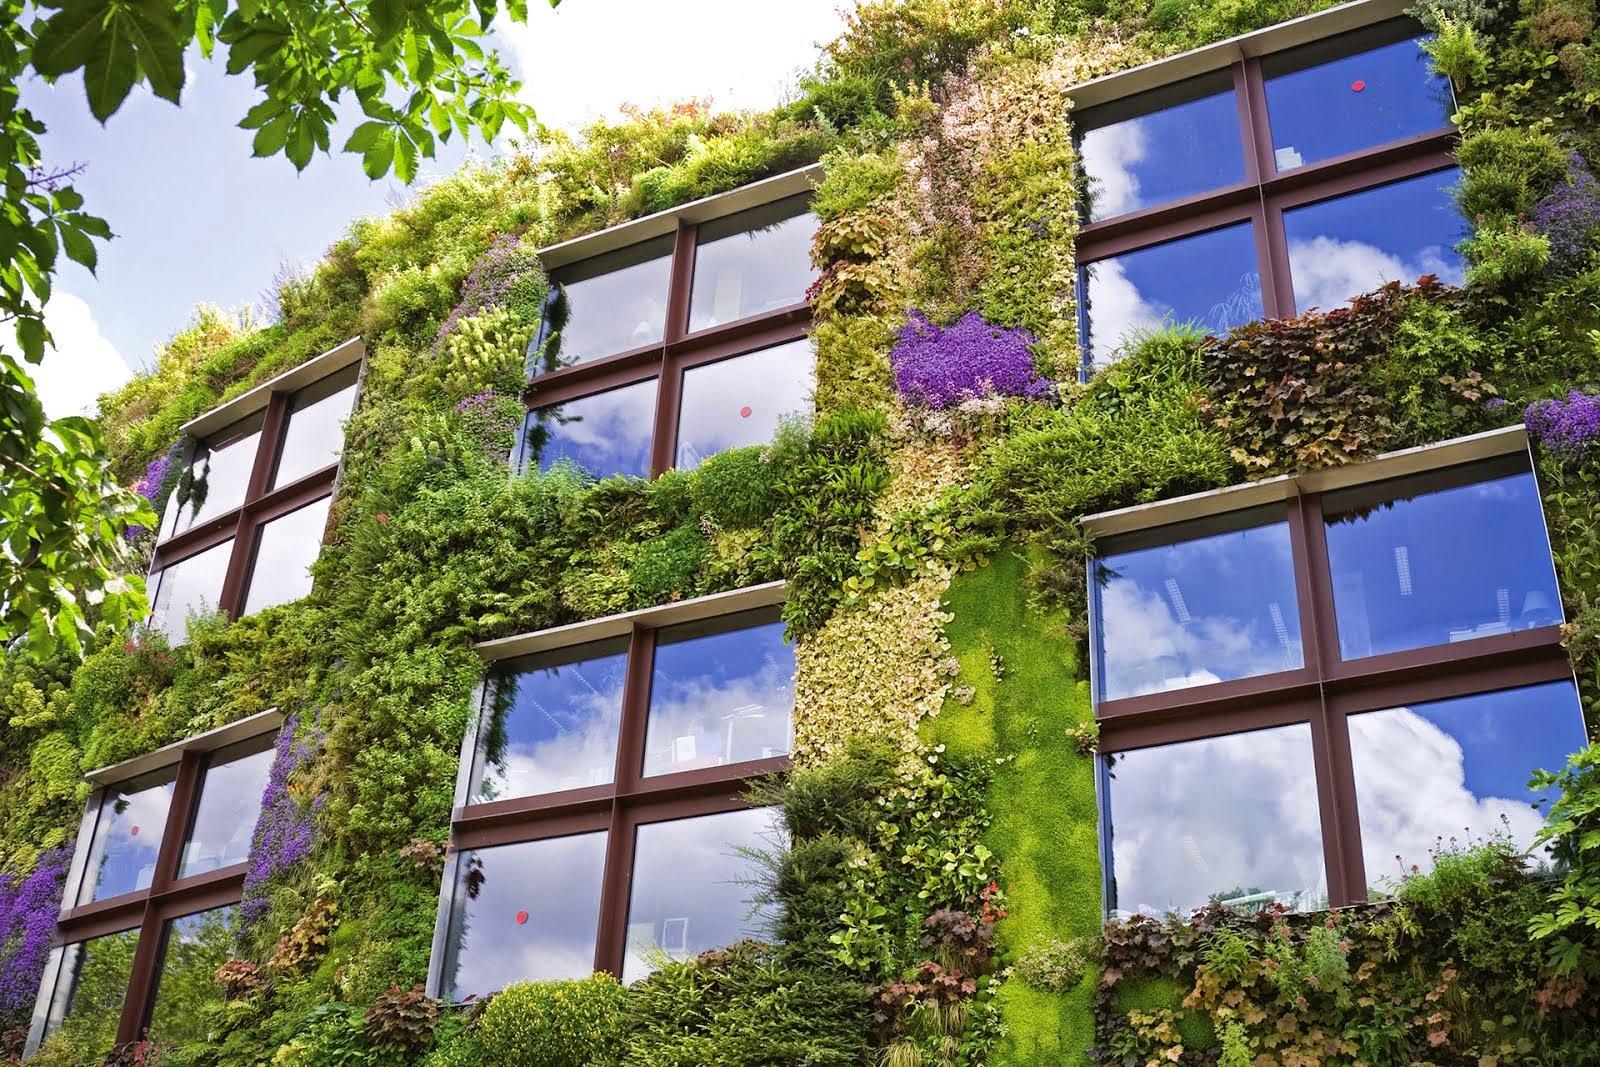 Giardini Verticali Fai Da Te idee per creare giardini verticali suggestivi e belli | supereva